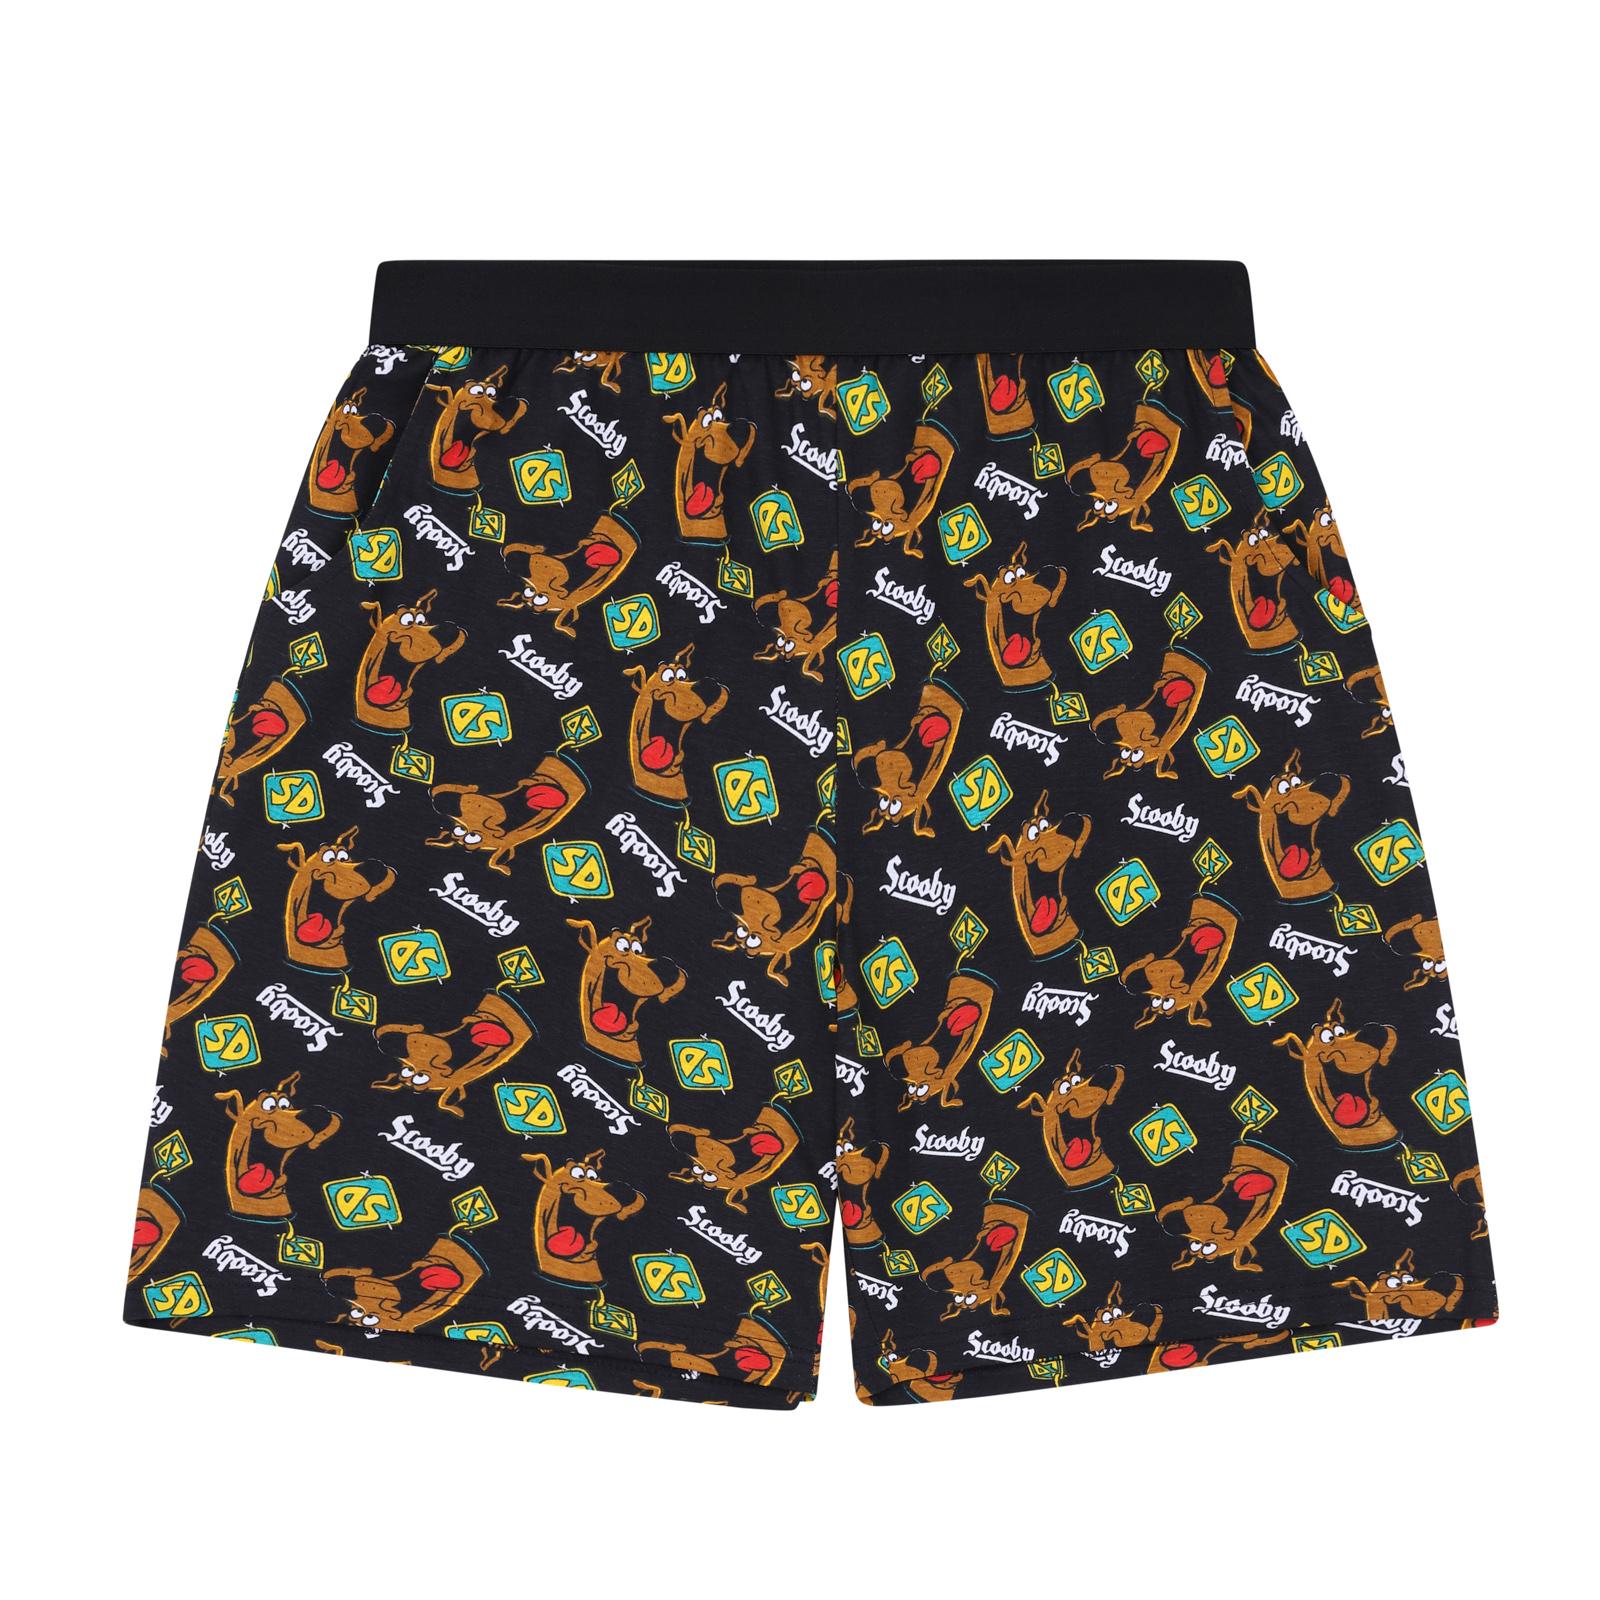 Scooby-Doo-Shaggy-Mystery-Machine-Official-Mens-Loungewear-Retro-Short-Pyjamas thumbnail 4